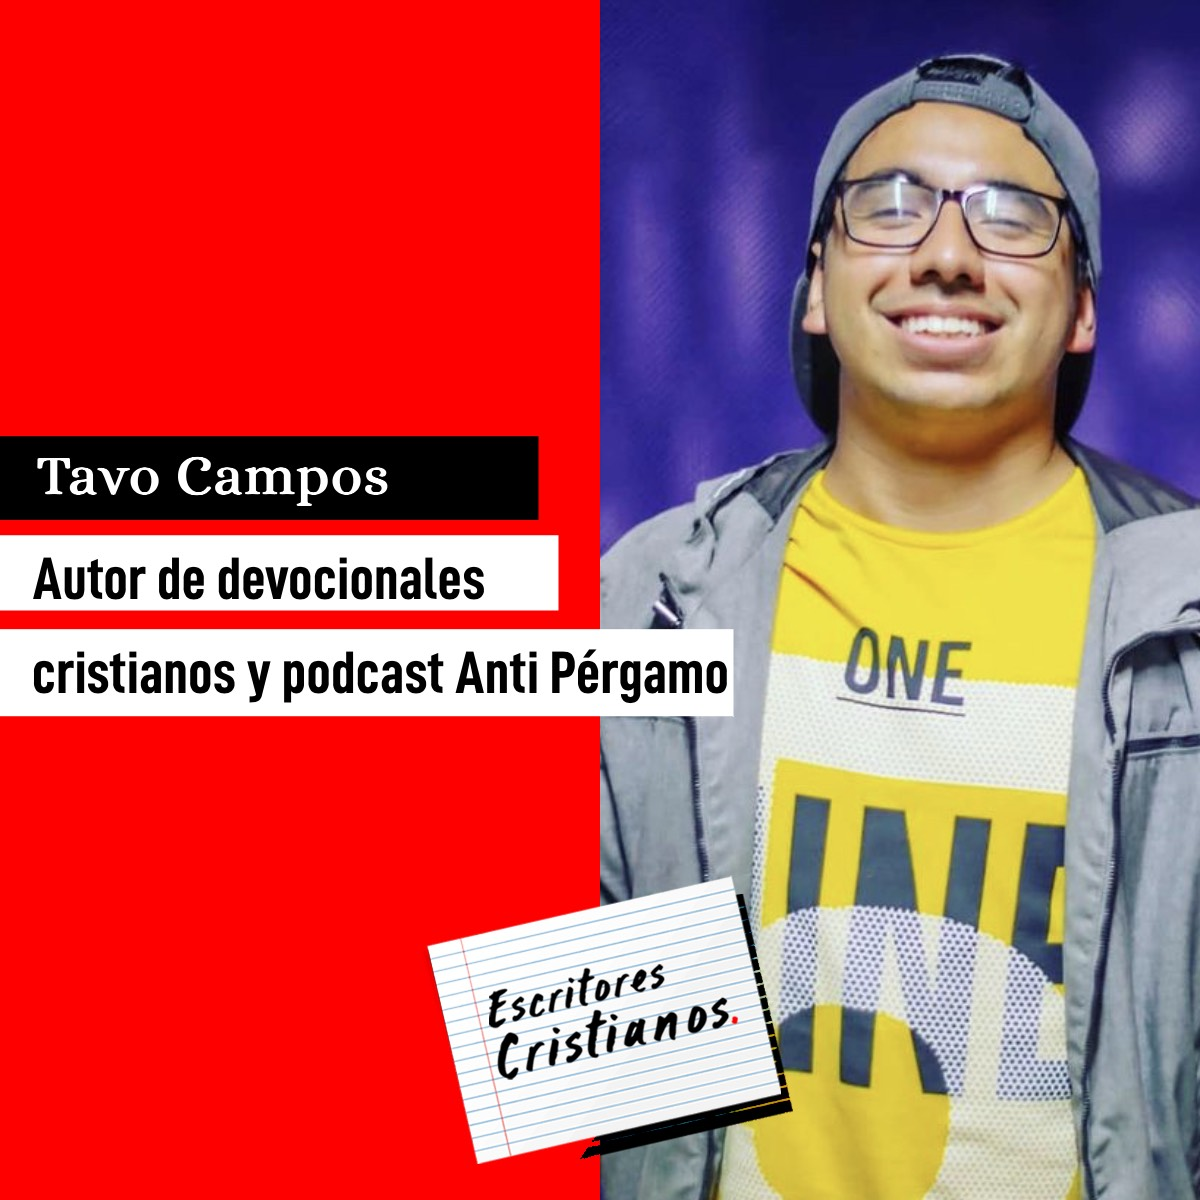 Tavo Campos habla de sus devocionales, la rebeldía y elorgullo